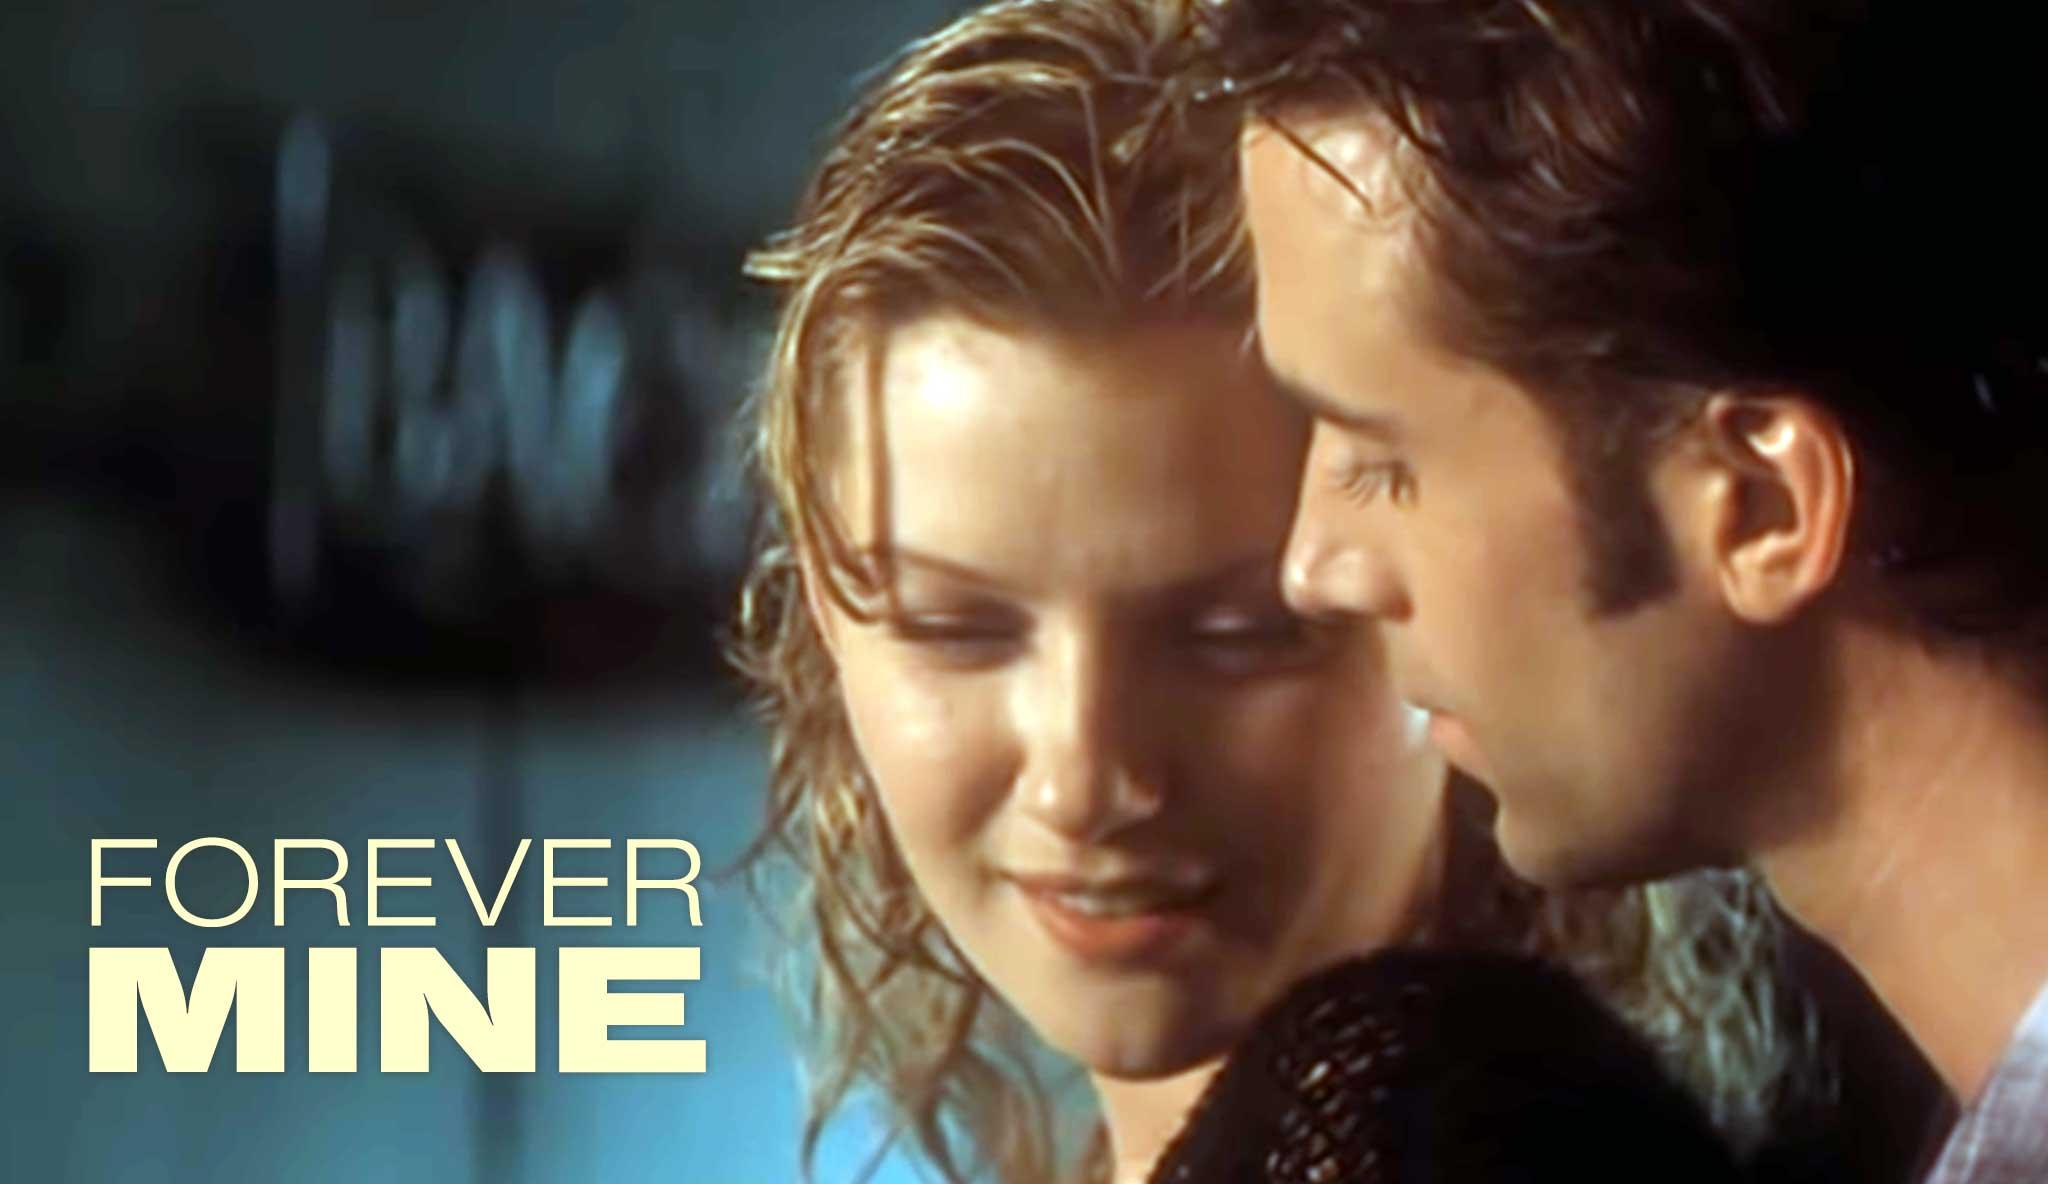 forever-mine-eine-verhangnisvolle-liebe\header.jpg